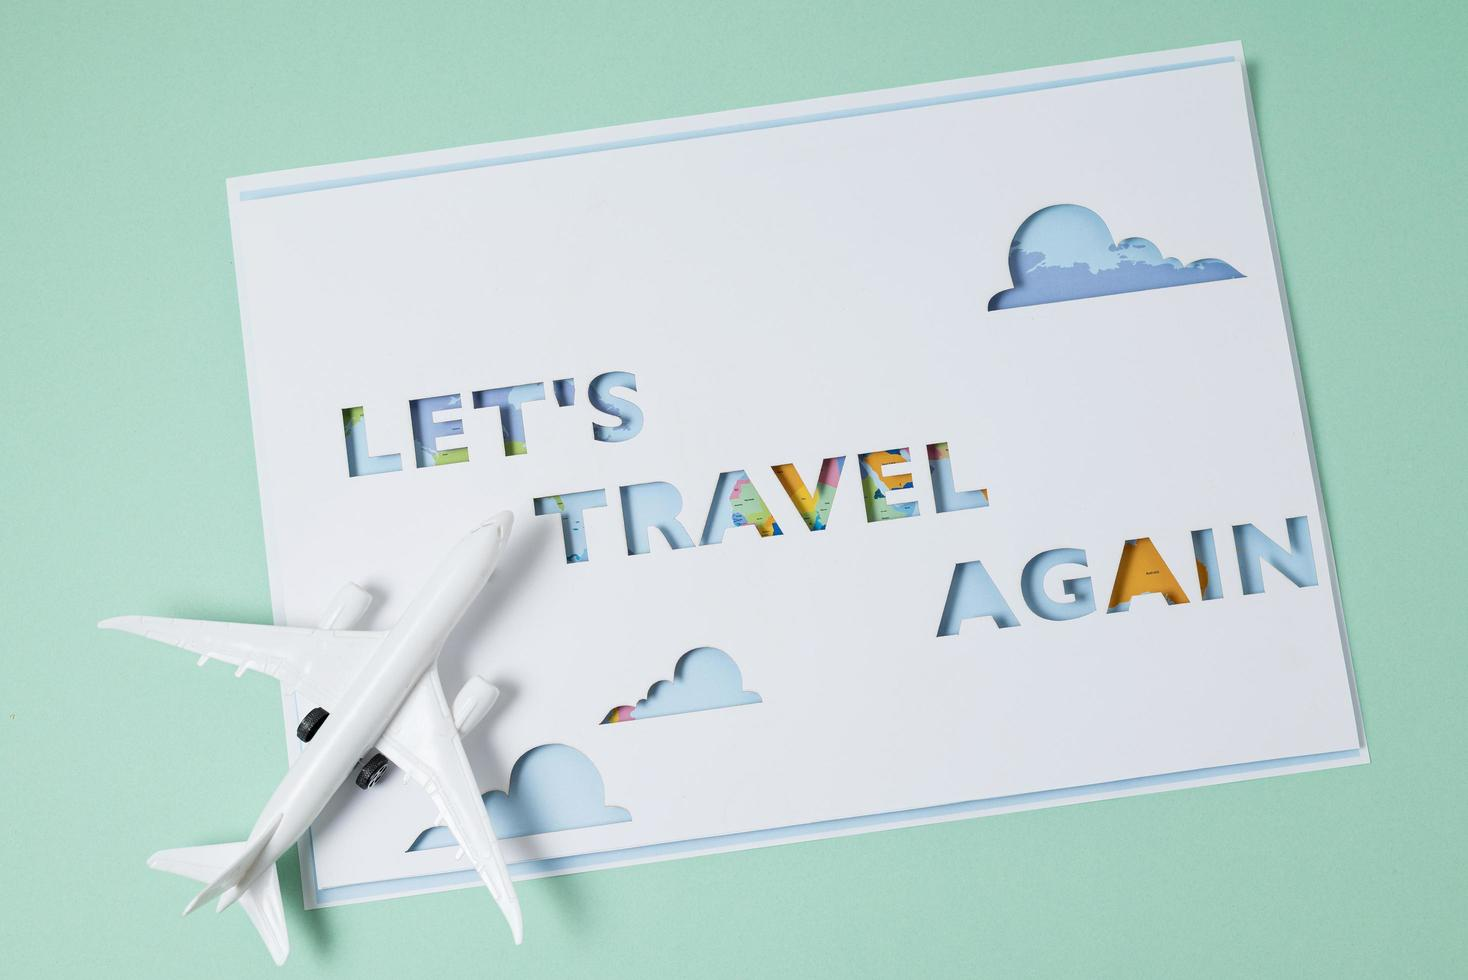 l'assortiment concept travel again photo